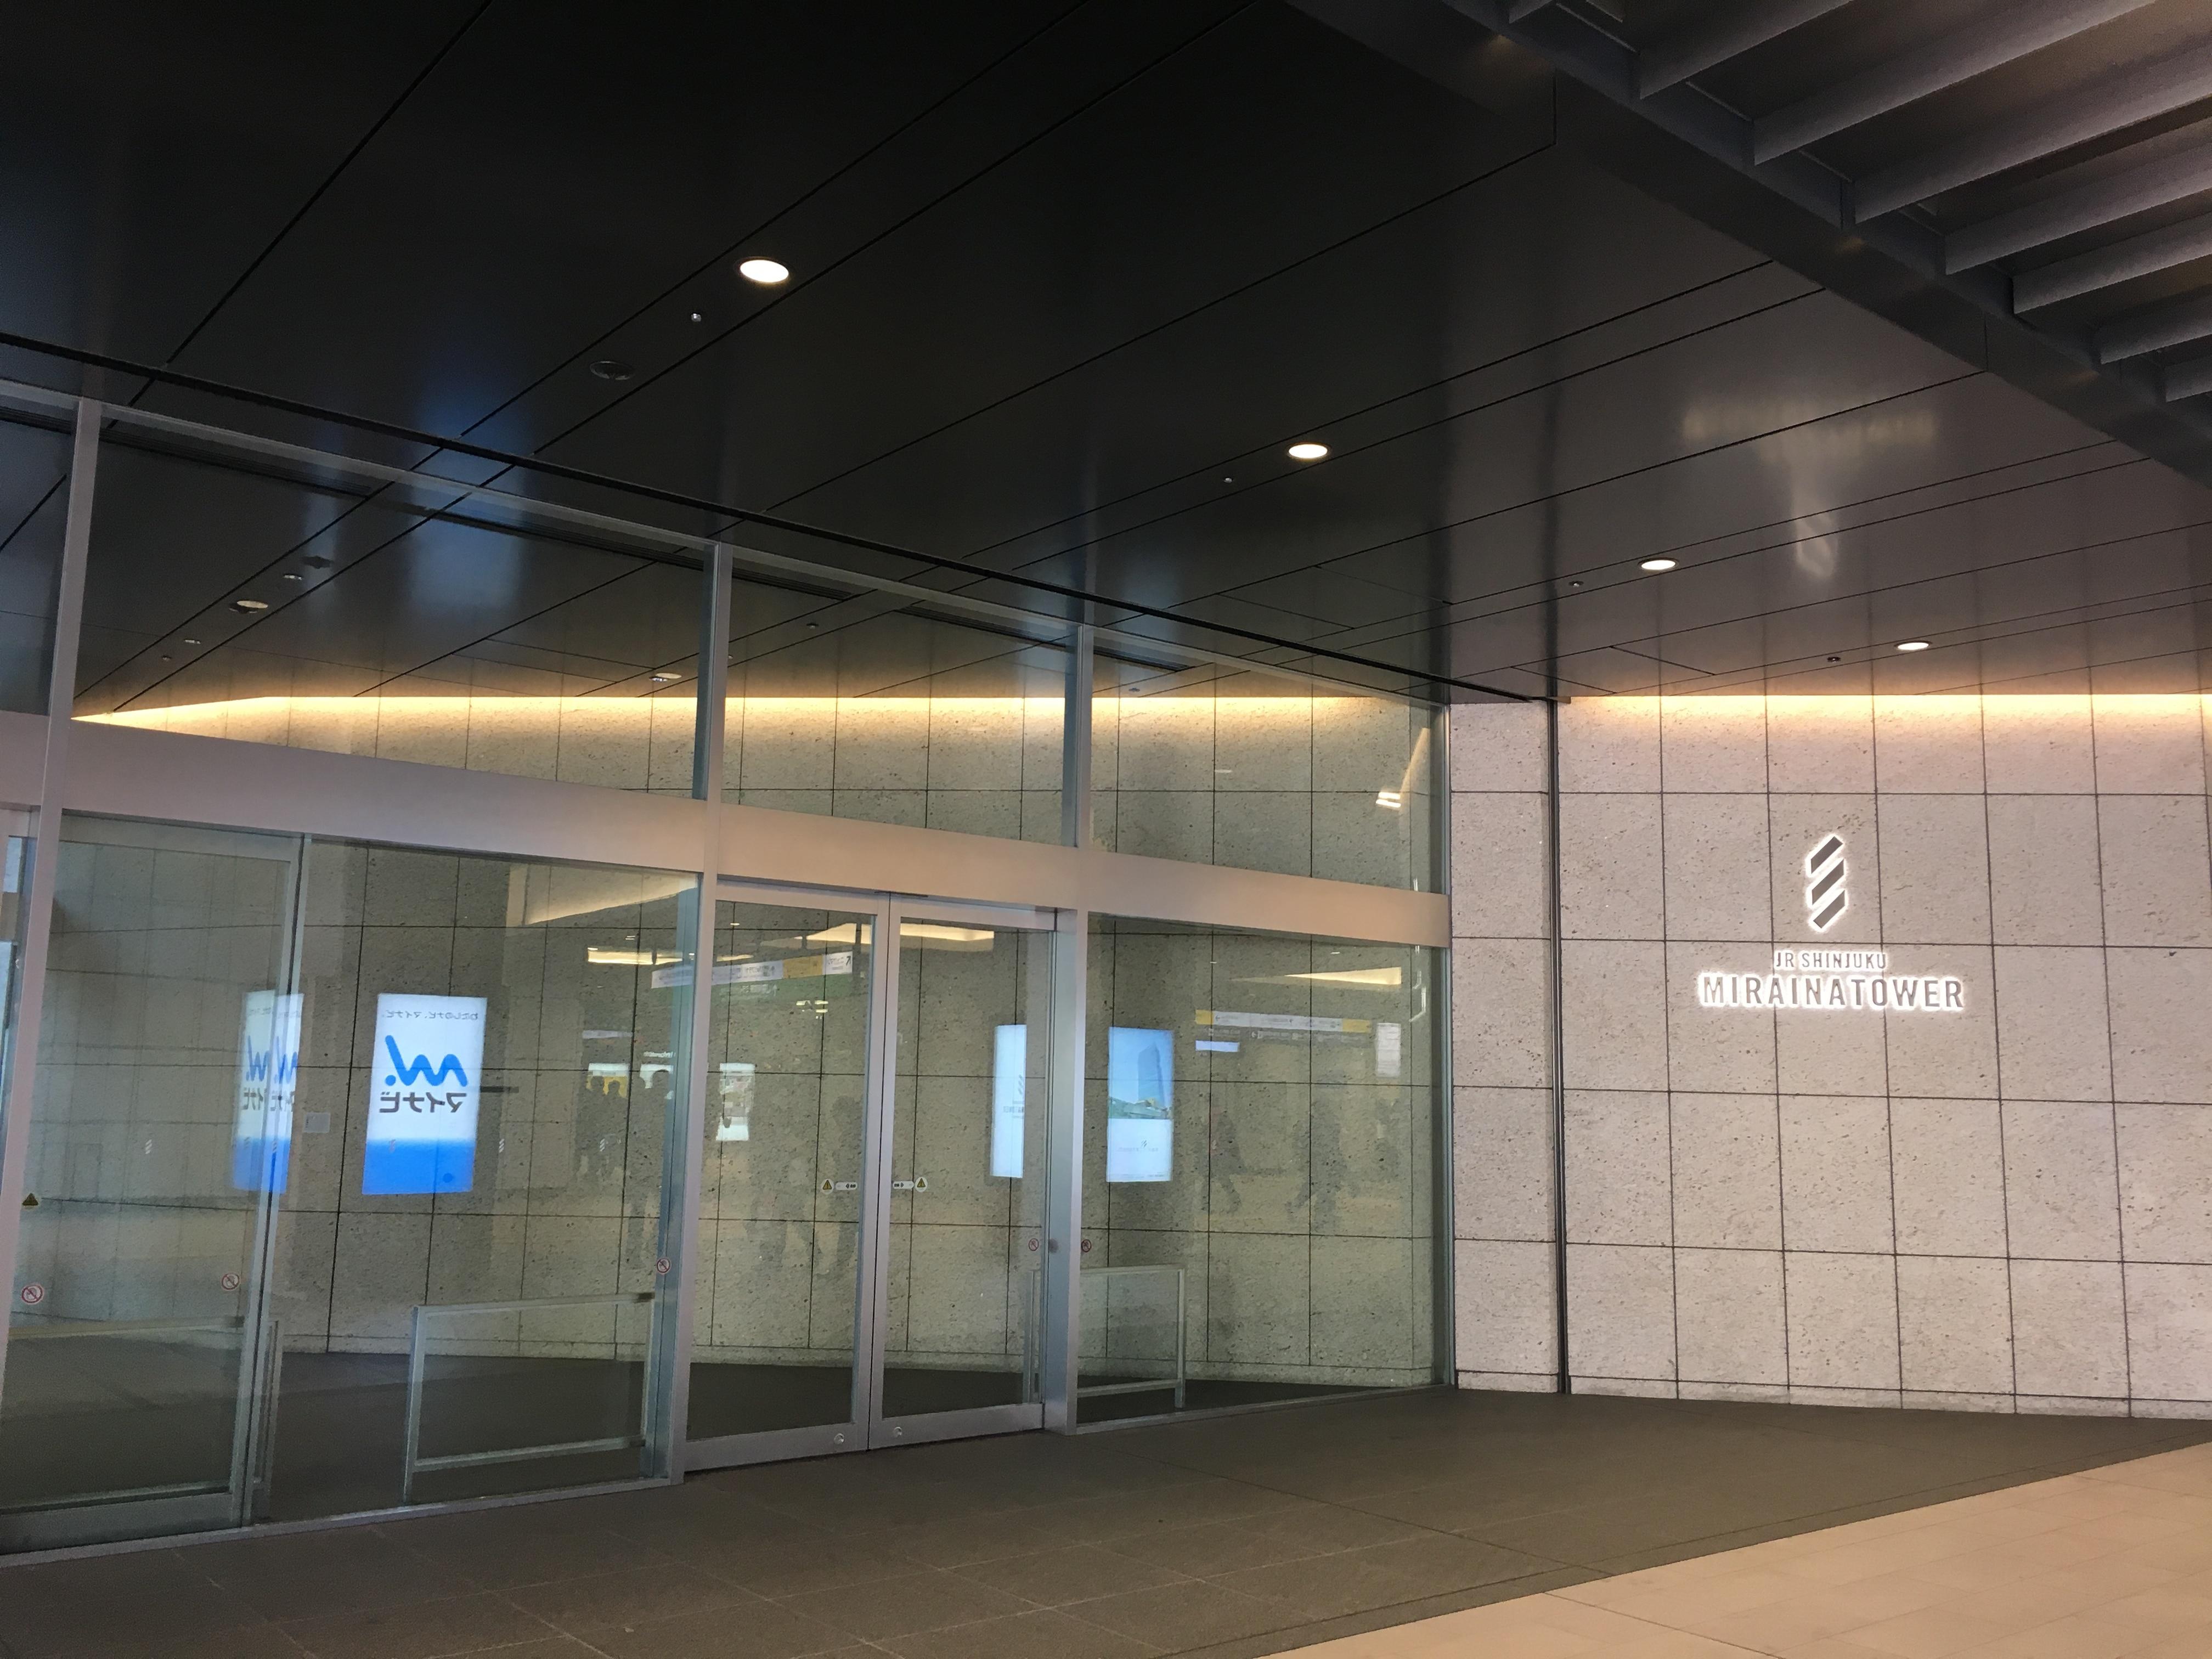 ミライナタワーオフィス棟入り口(2F).jpg